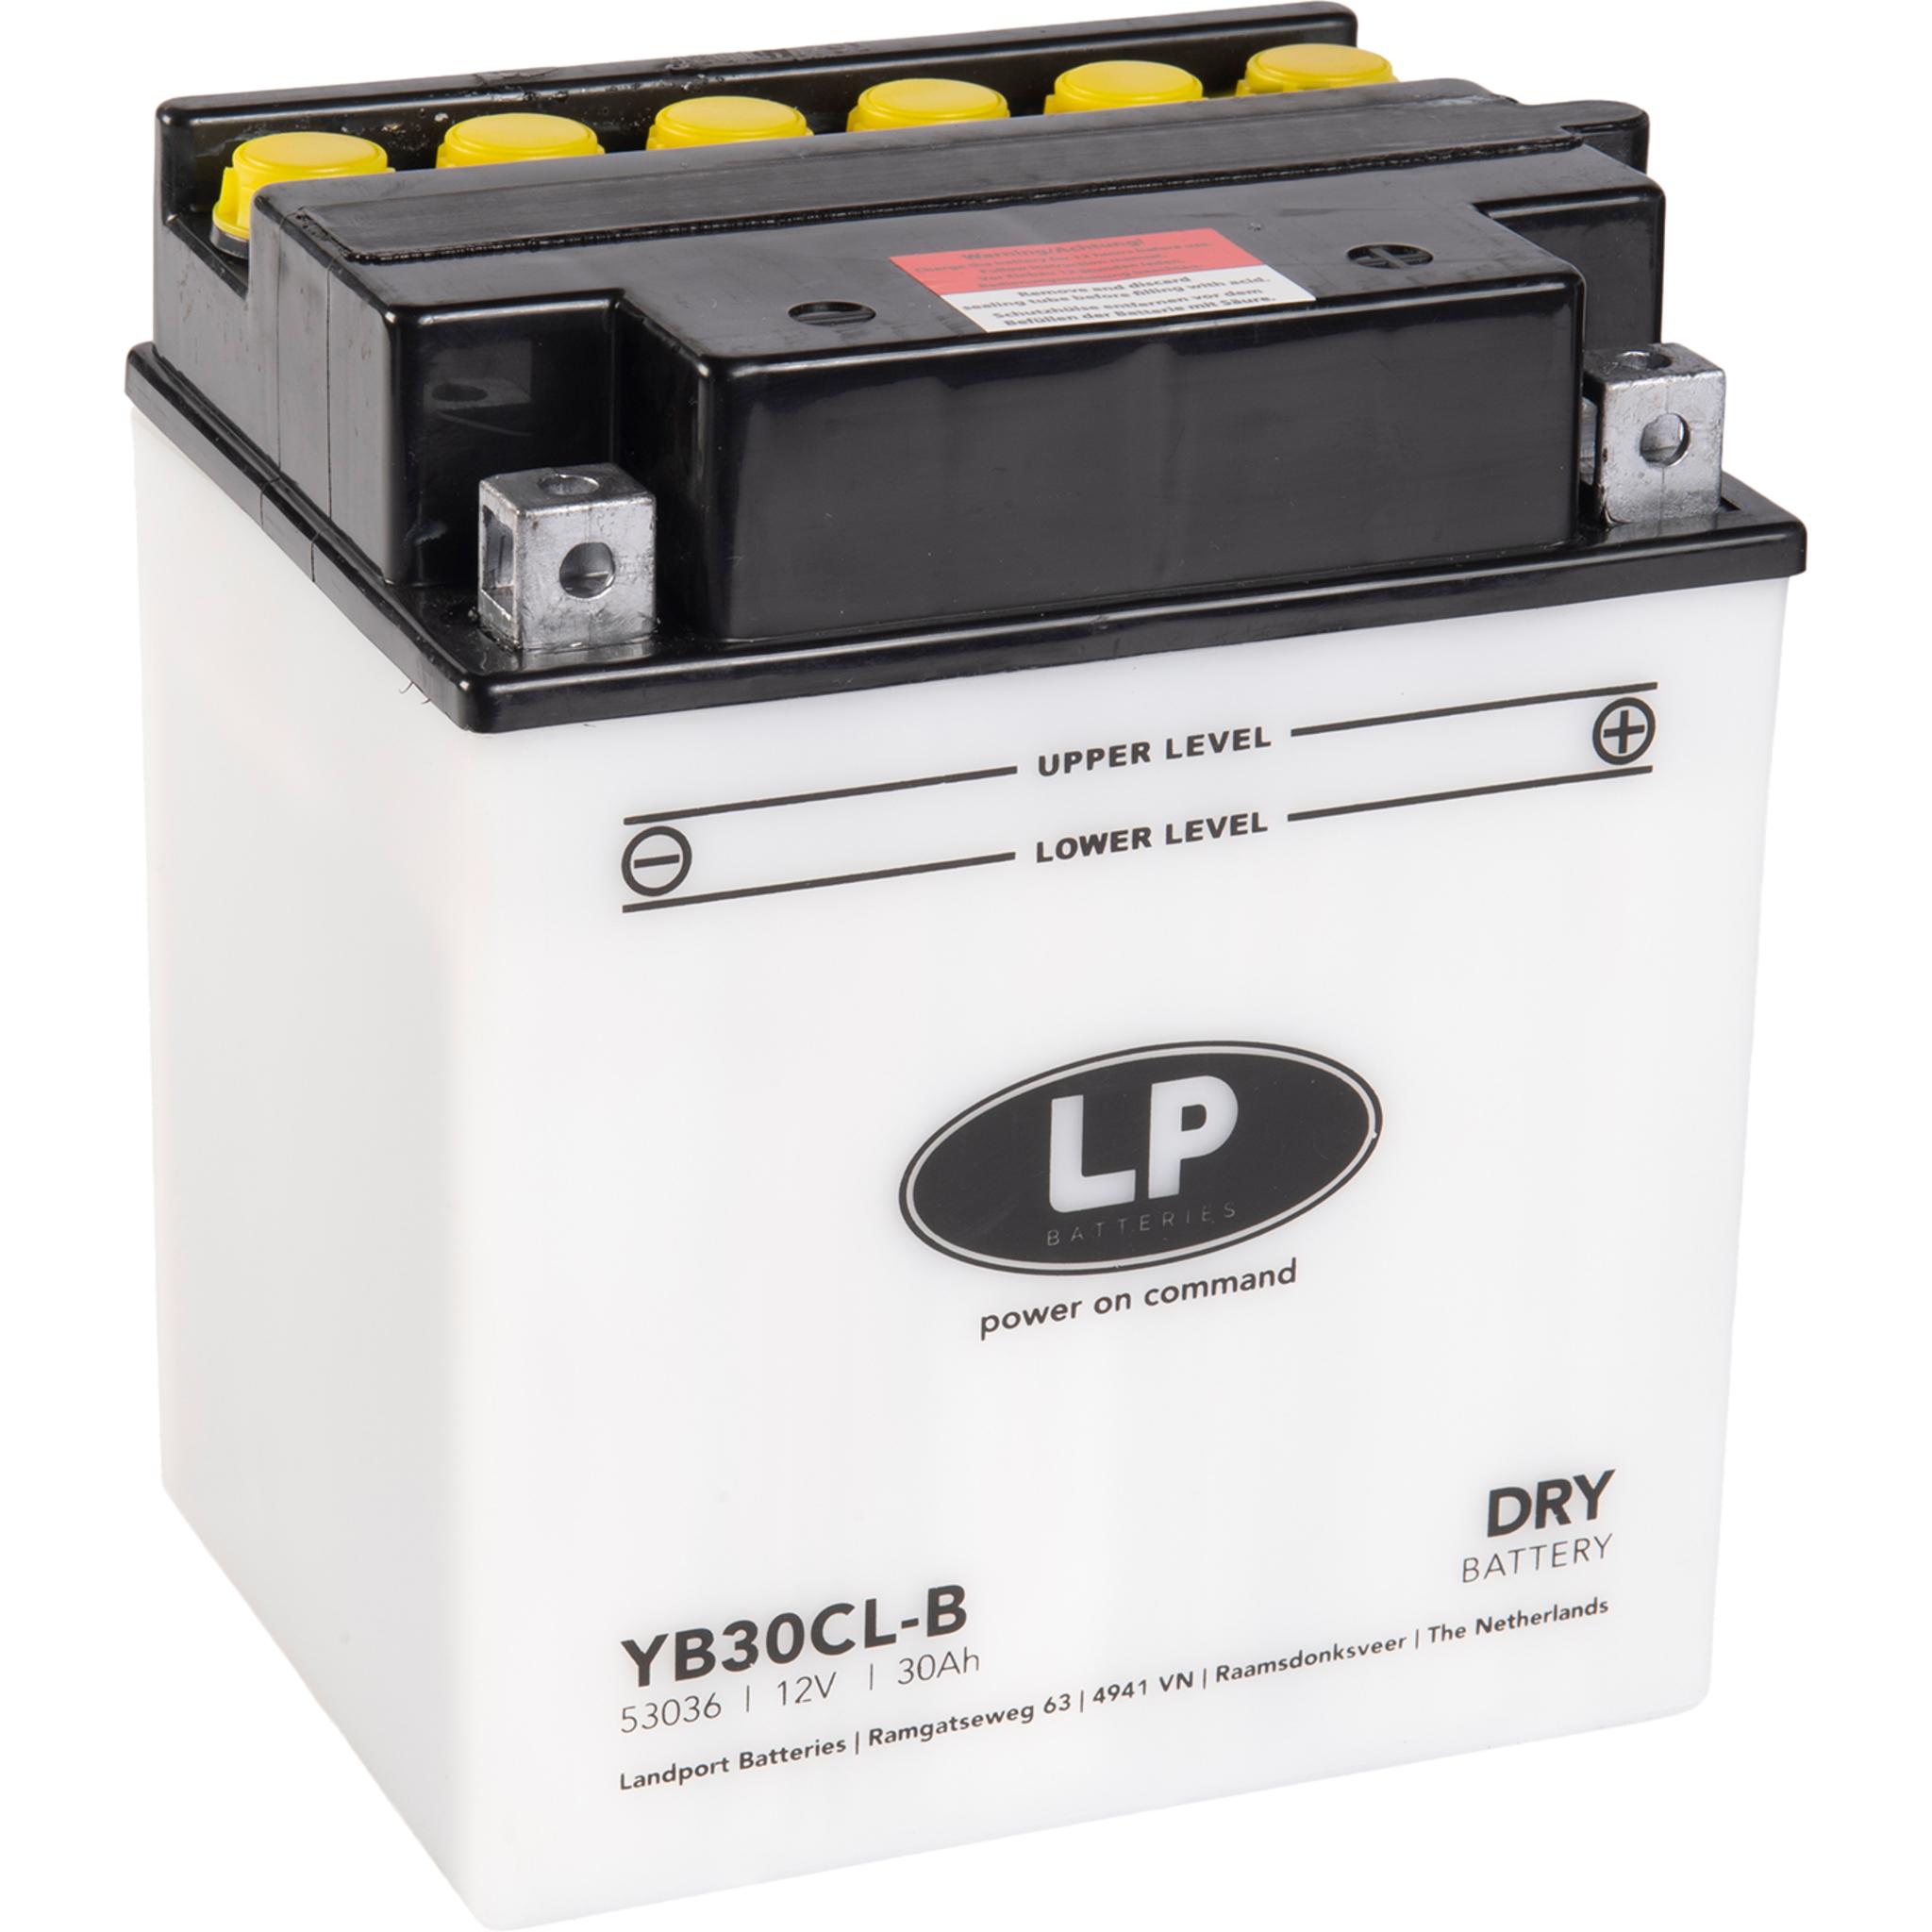 Аккумулятор Landport YB30CL-B, 12V, DRY